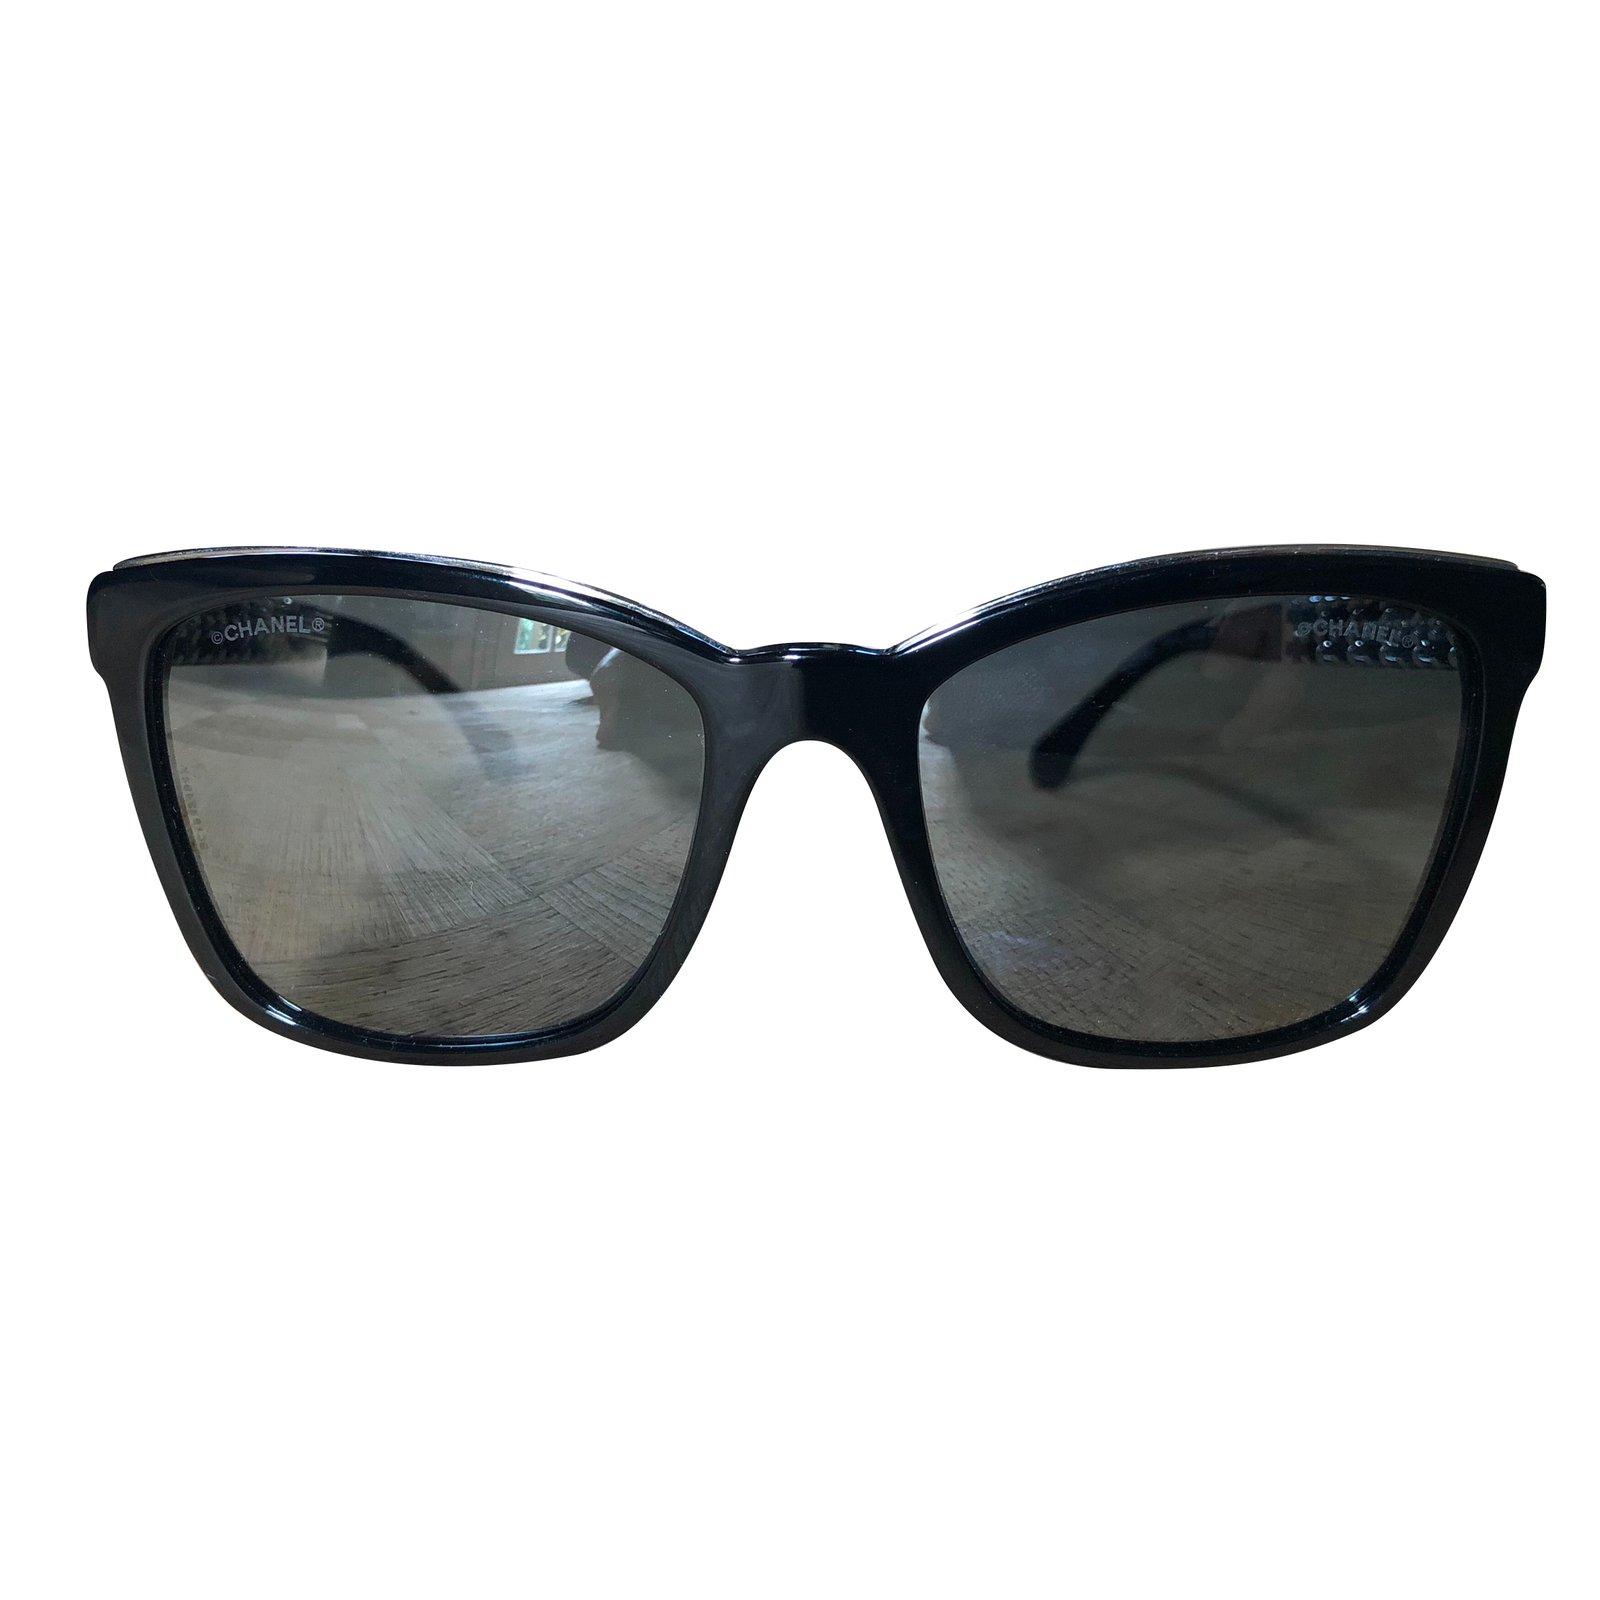 Lunettes Chanel Lunettes de soleil Autre Noir ref.86606 - Joli Closet 5bca3fdfe226